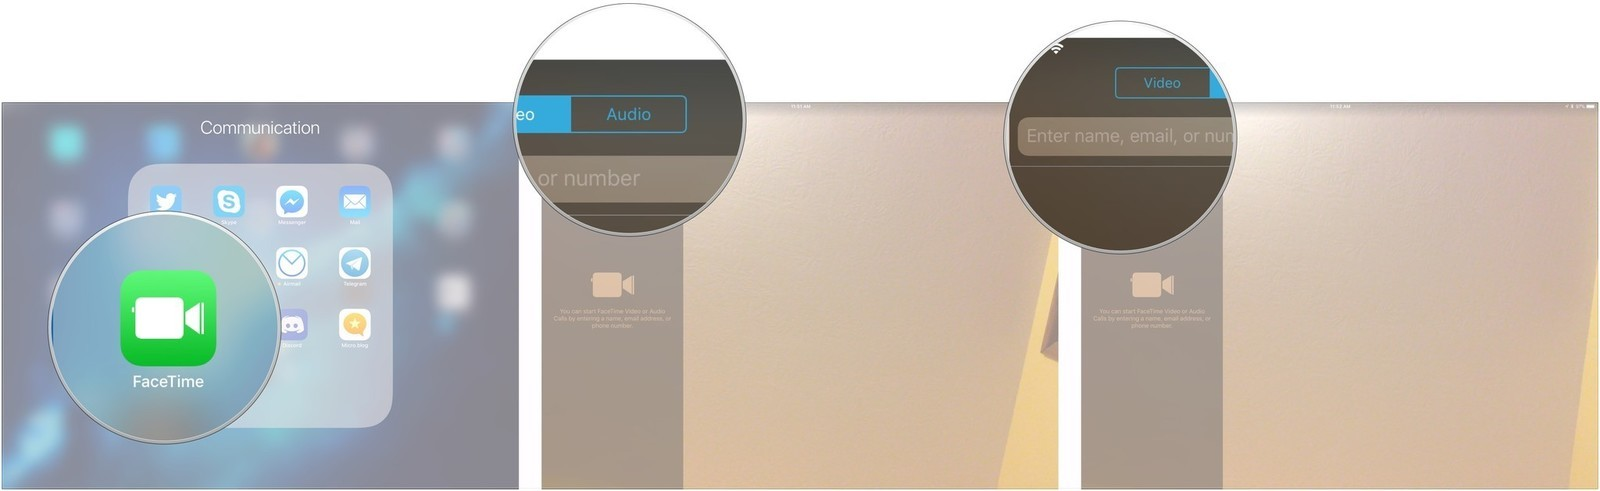 Dùng iPad gọi và trả lời cuộc gọi trên iPhone